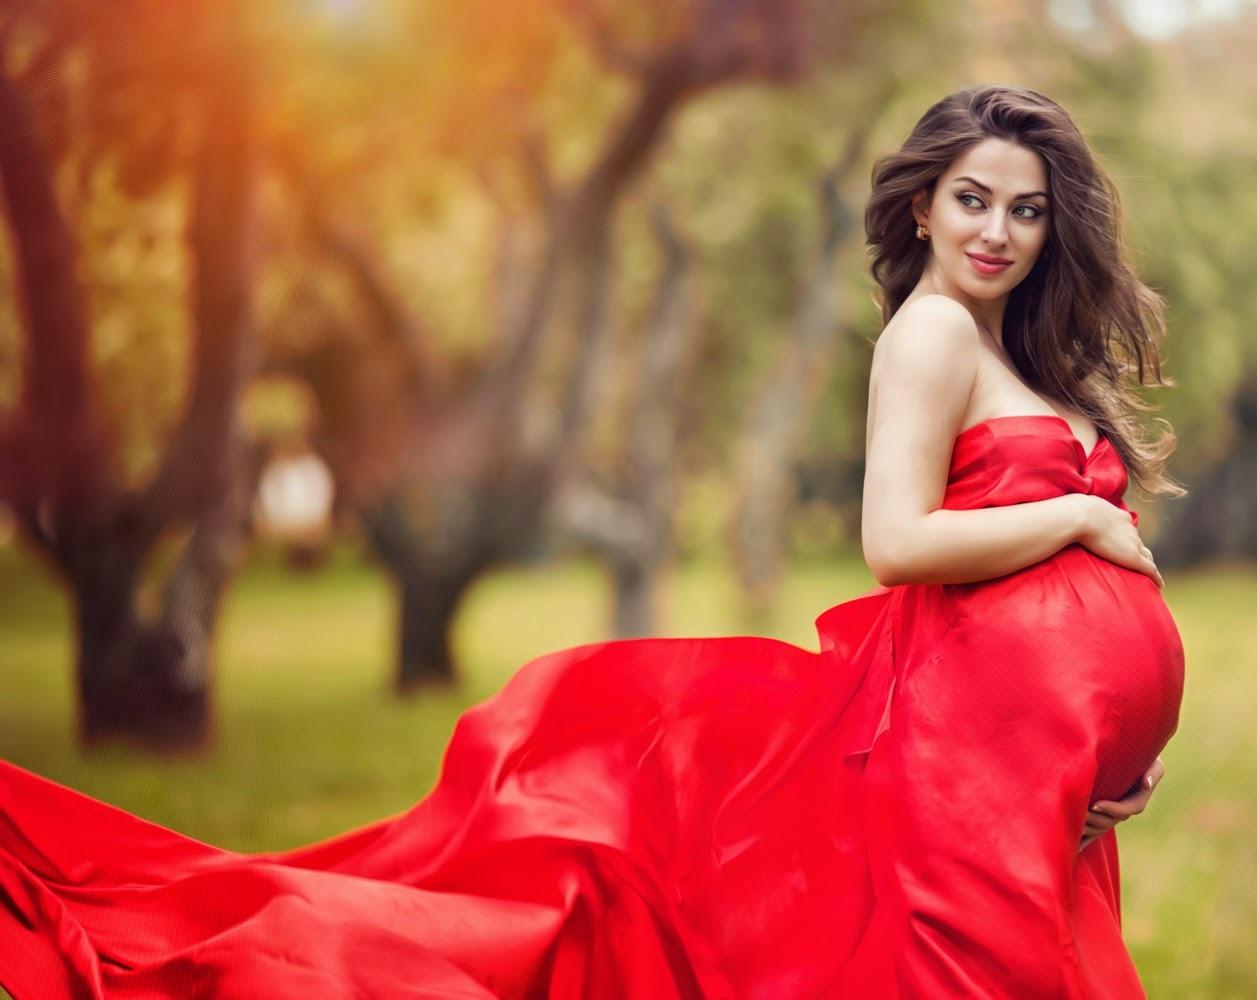 Беременная девушка в красном платье